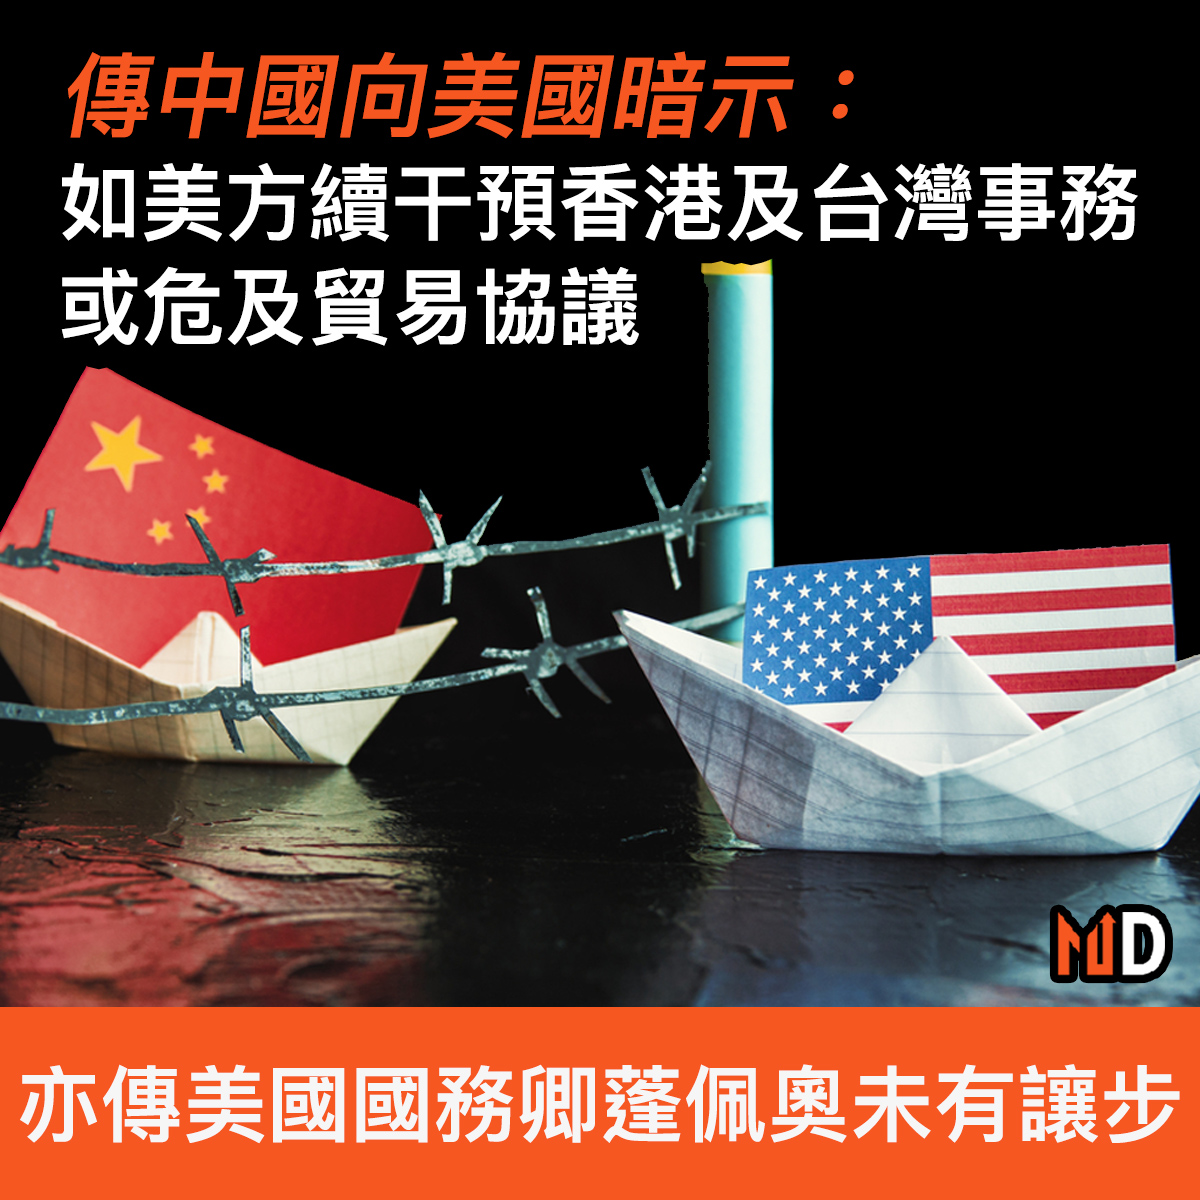 【市場熱話】傳中國向美國暗示:如美方續干預香港及台灣事務,或危及貿易協議